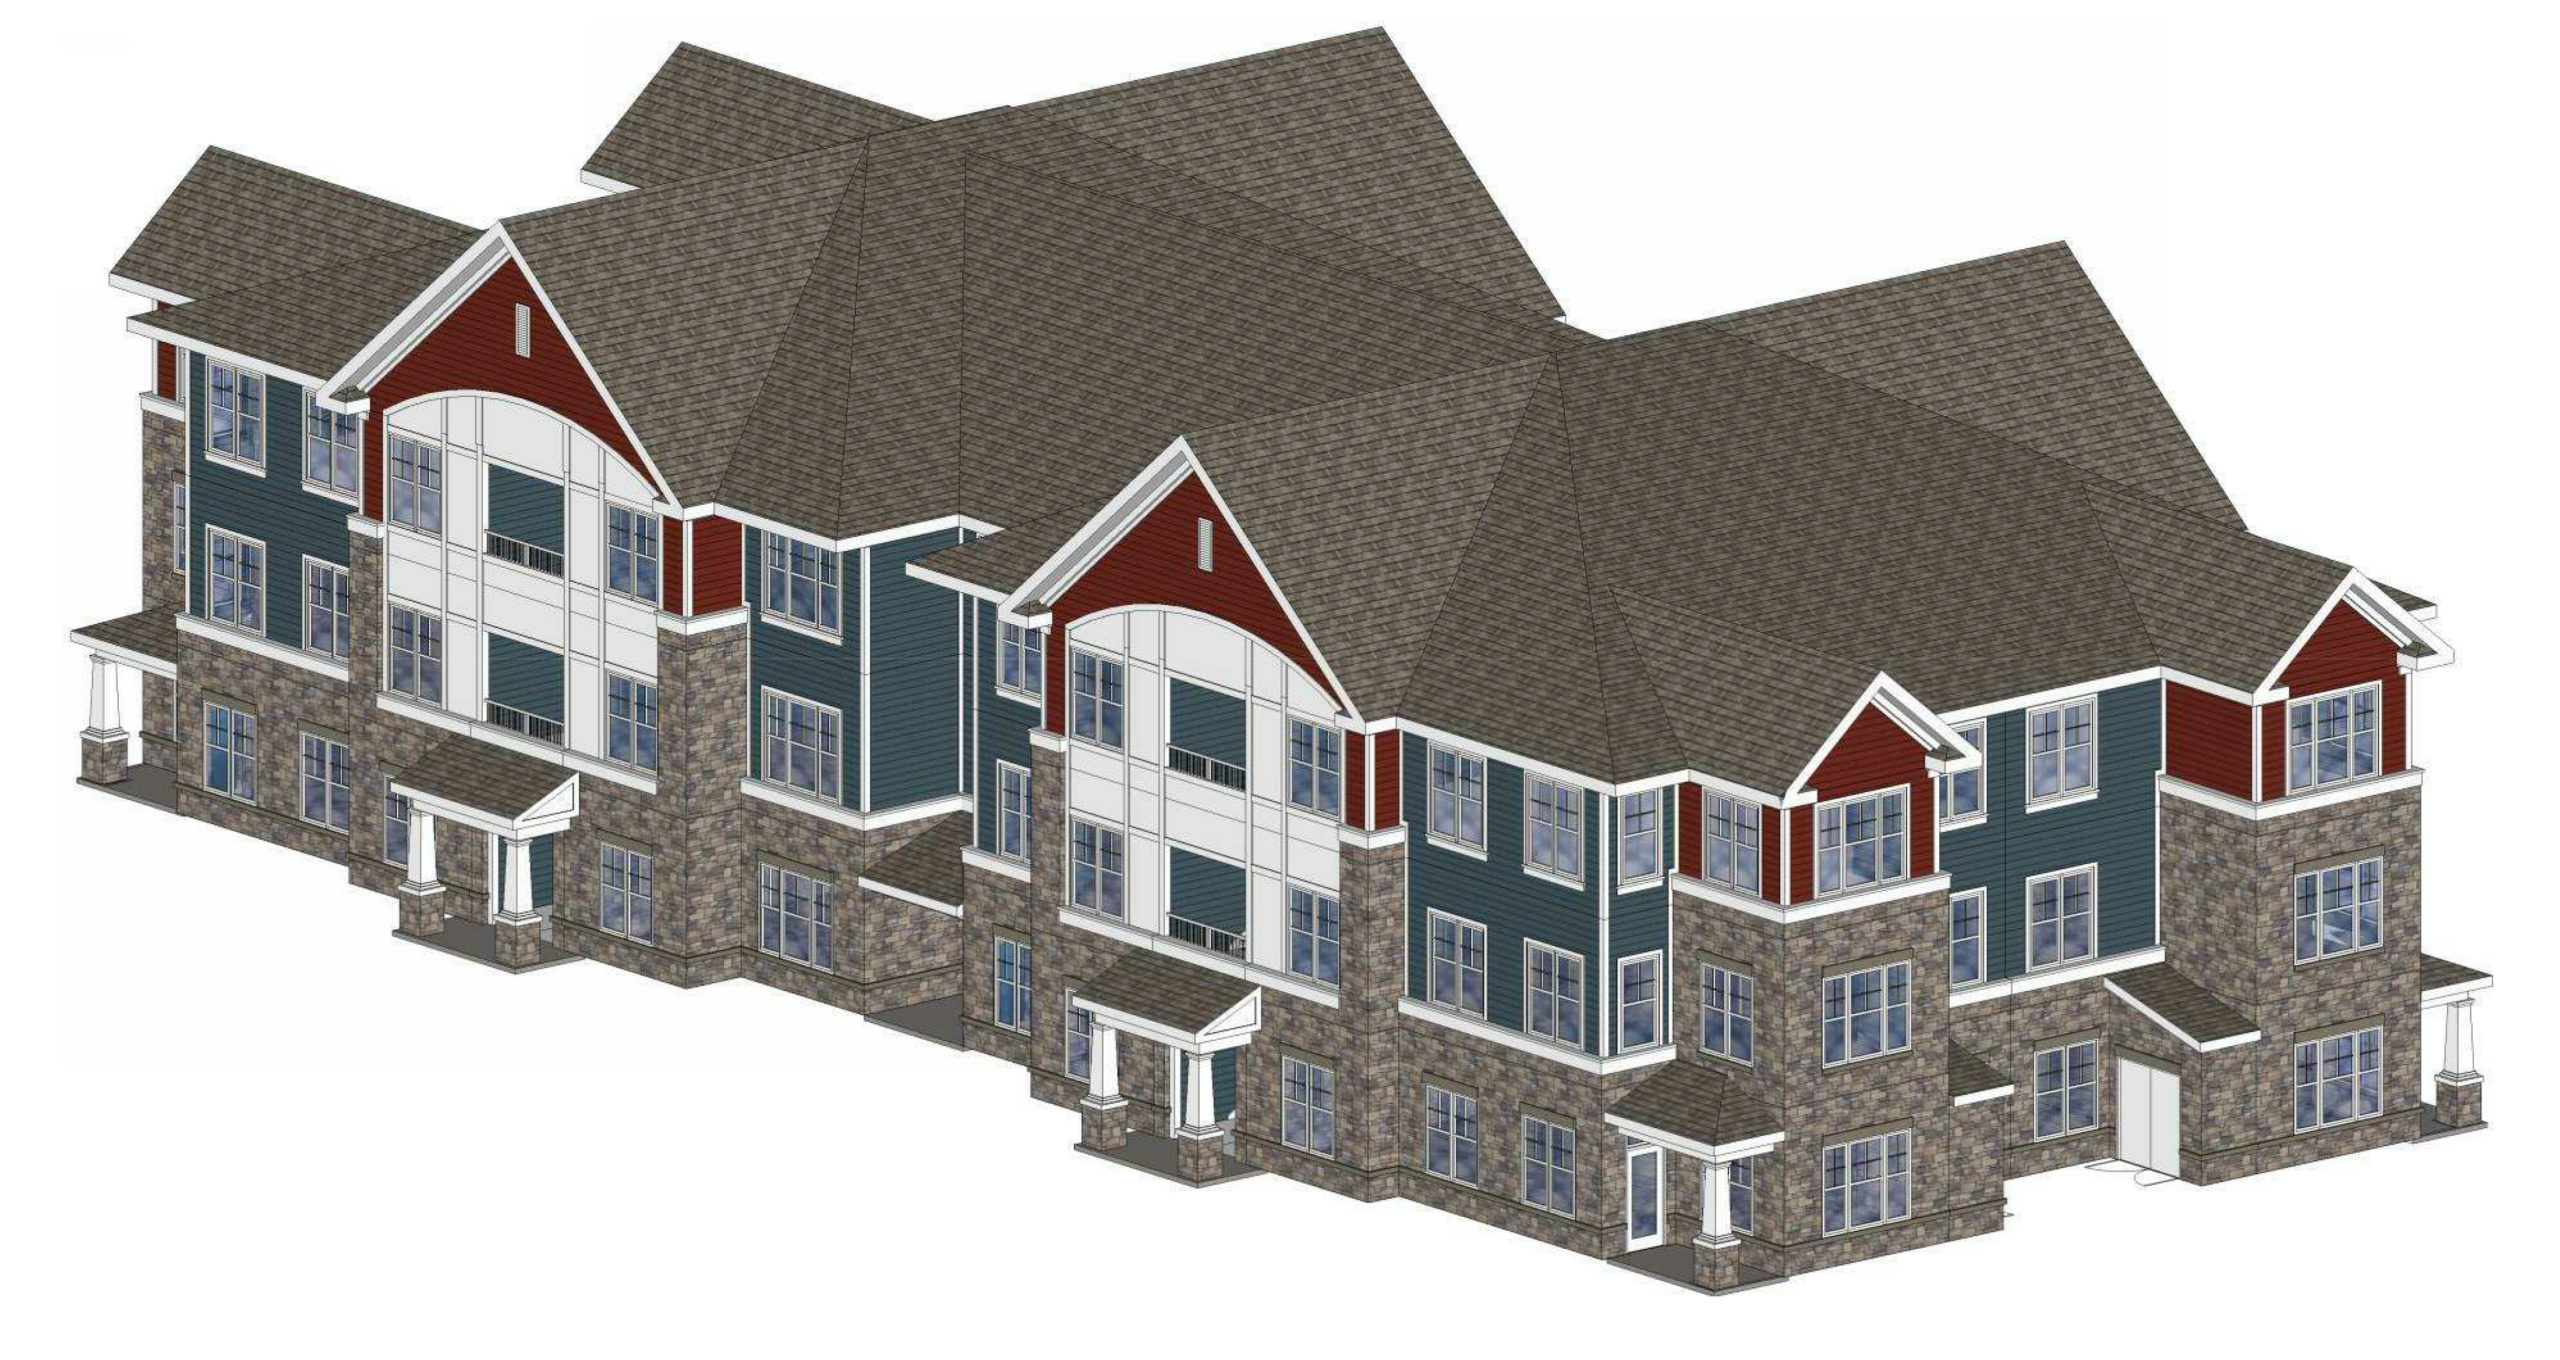 Calvert Hills rendering